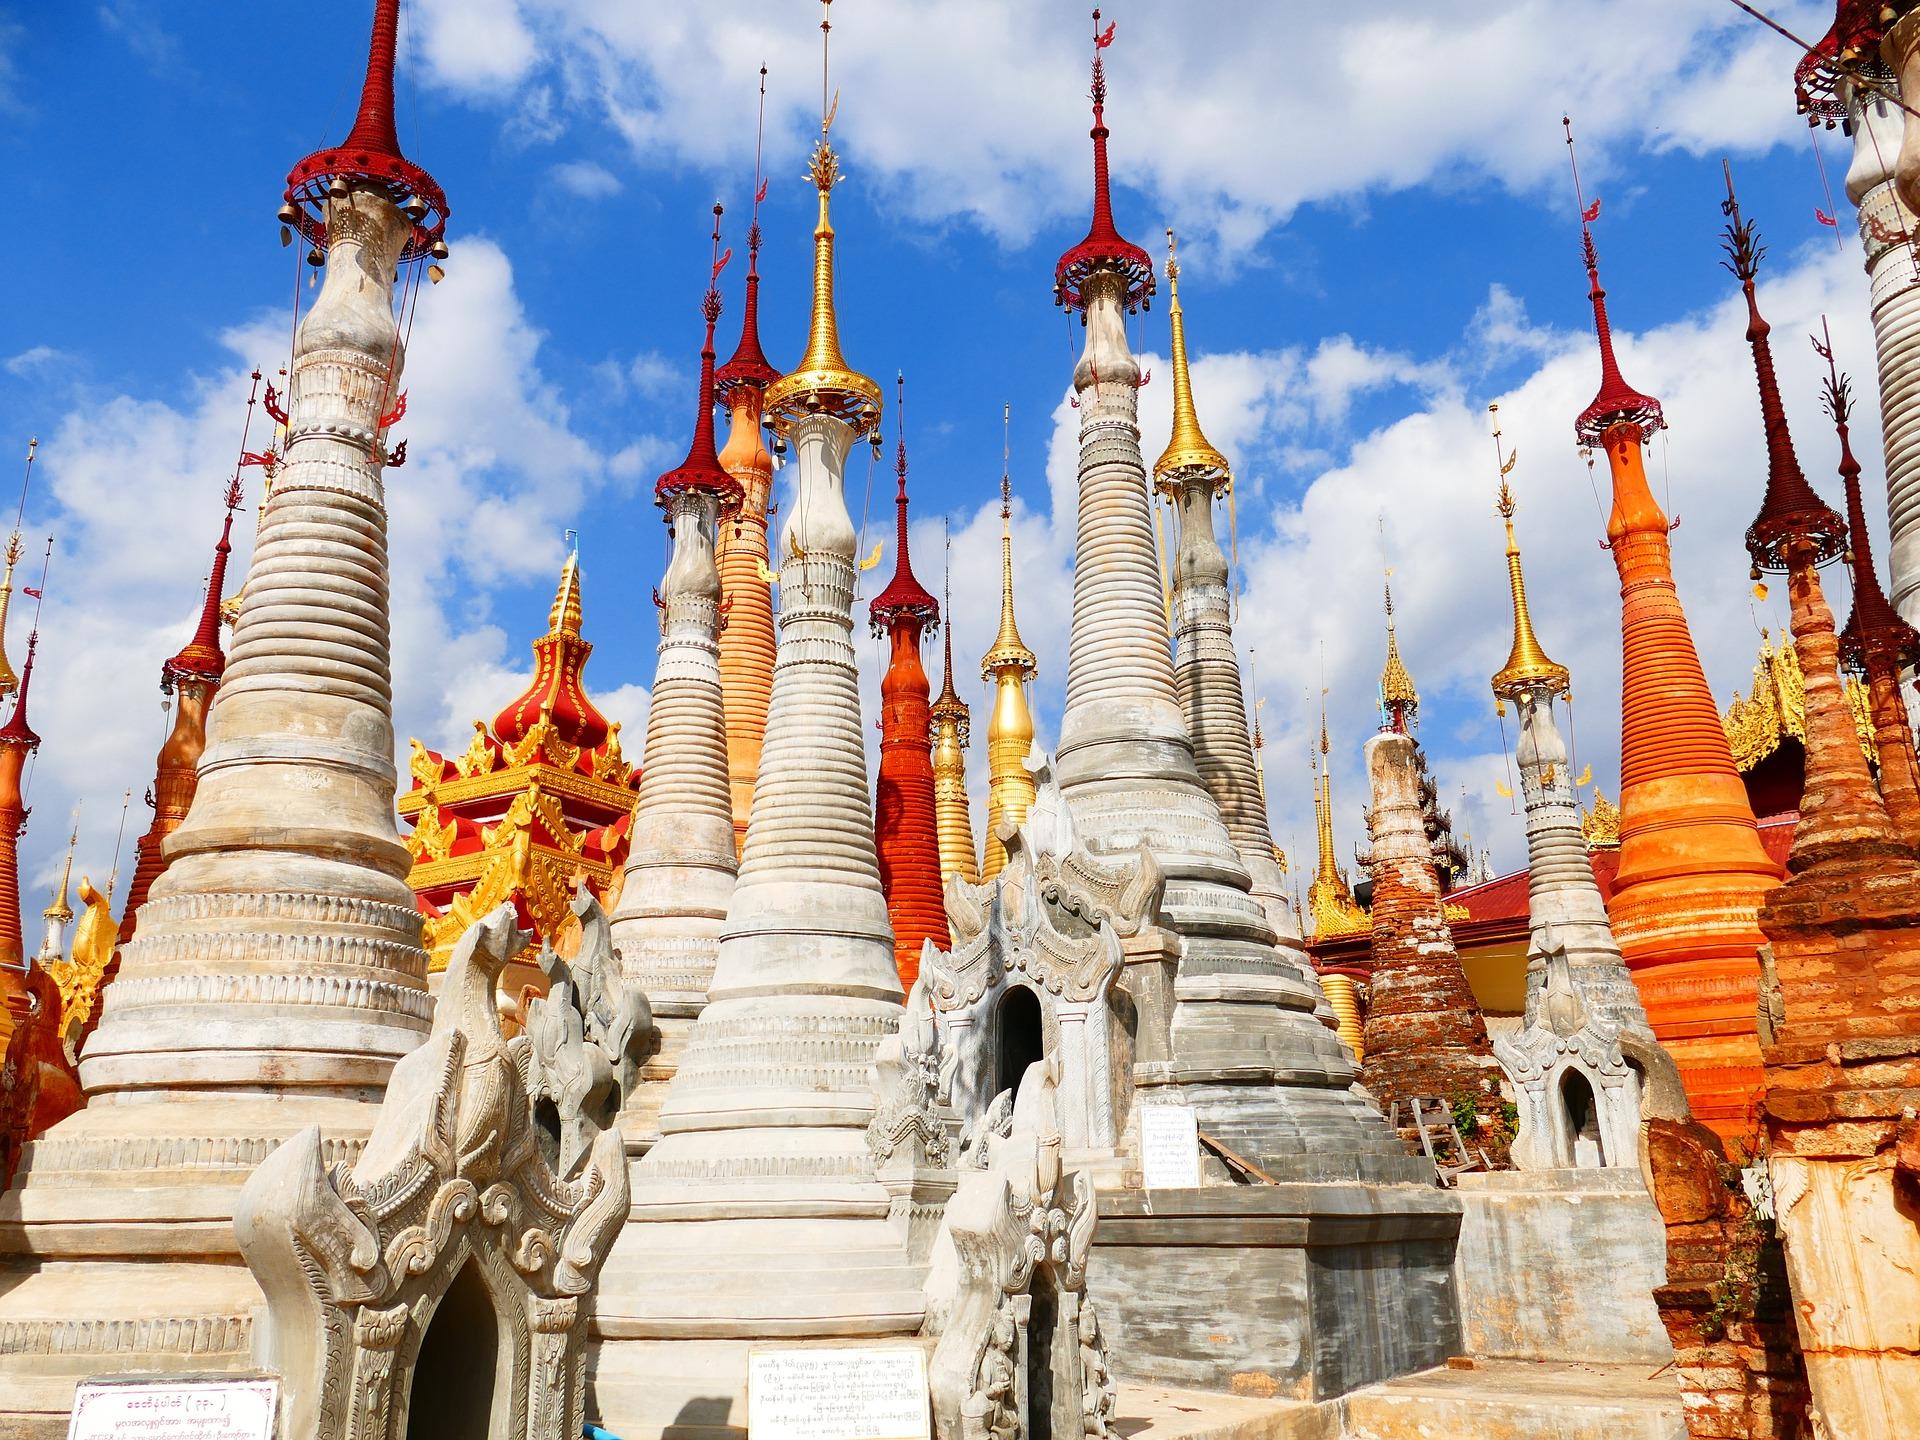 Ναός, Μιανμάρ, Βιρμανία, Παγόδα, Στούπα - Wallpapers HD - Professor-falken.com